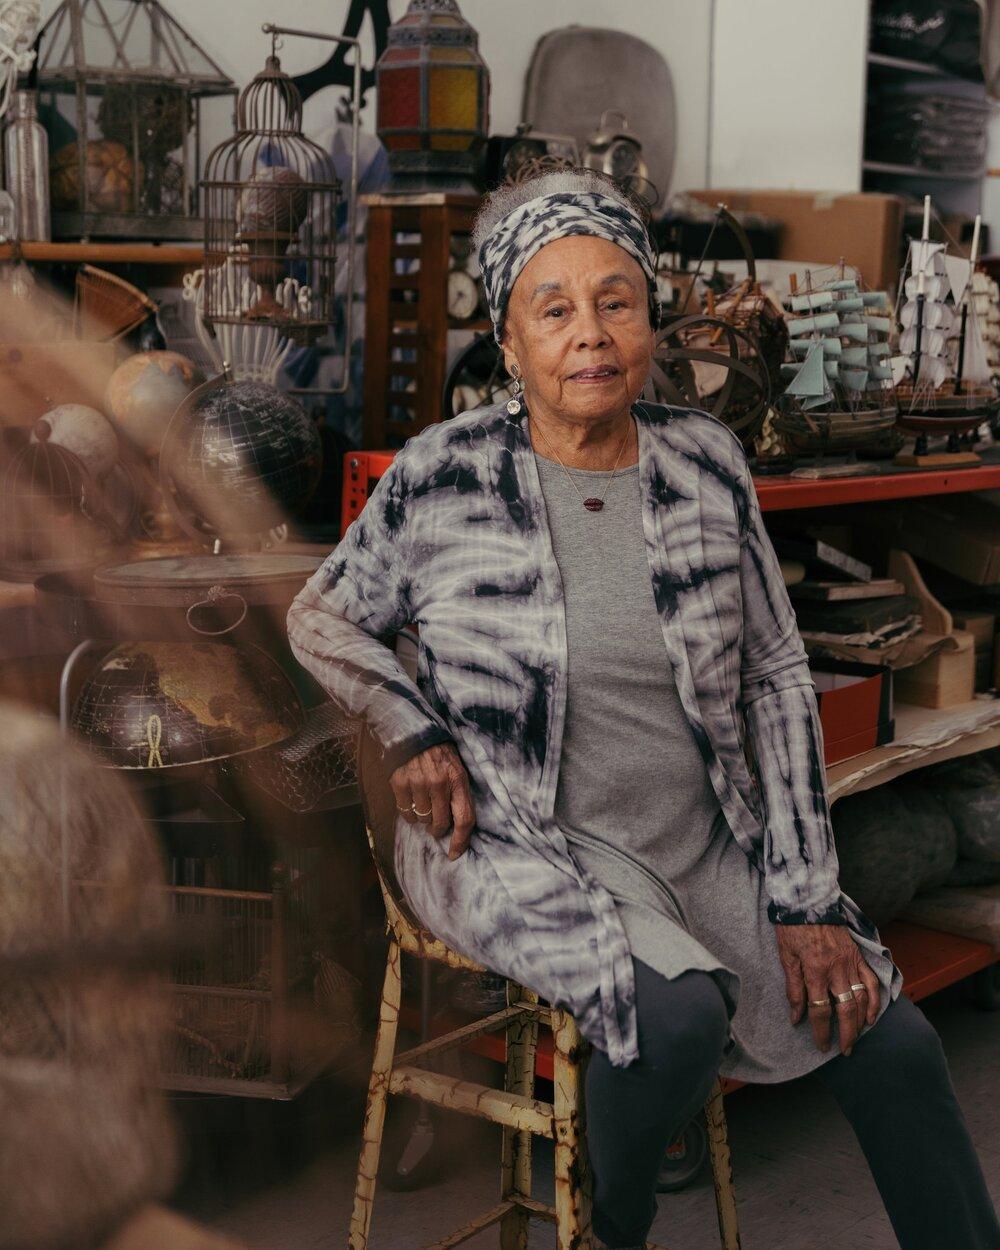 Бетти Саар в своей студии в Лорел Каньон. Источник: New York Times